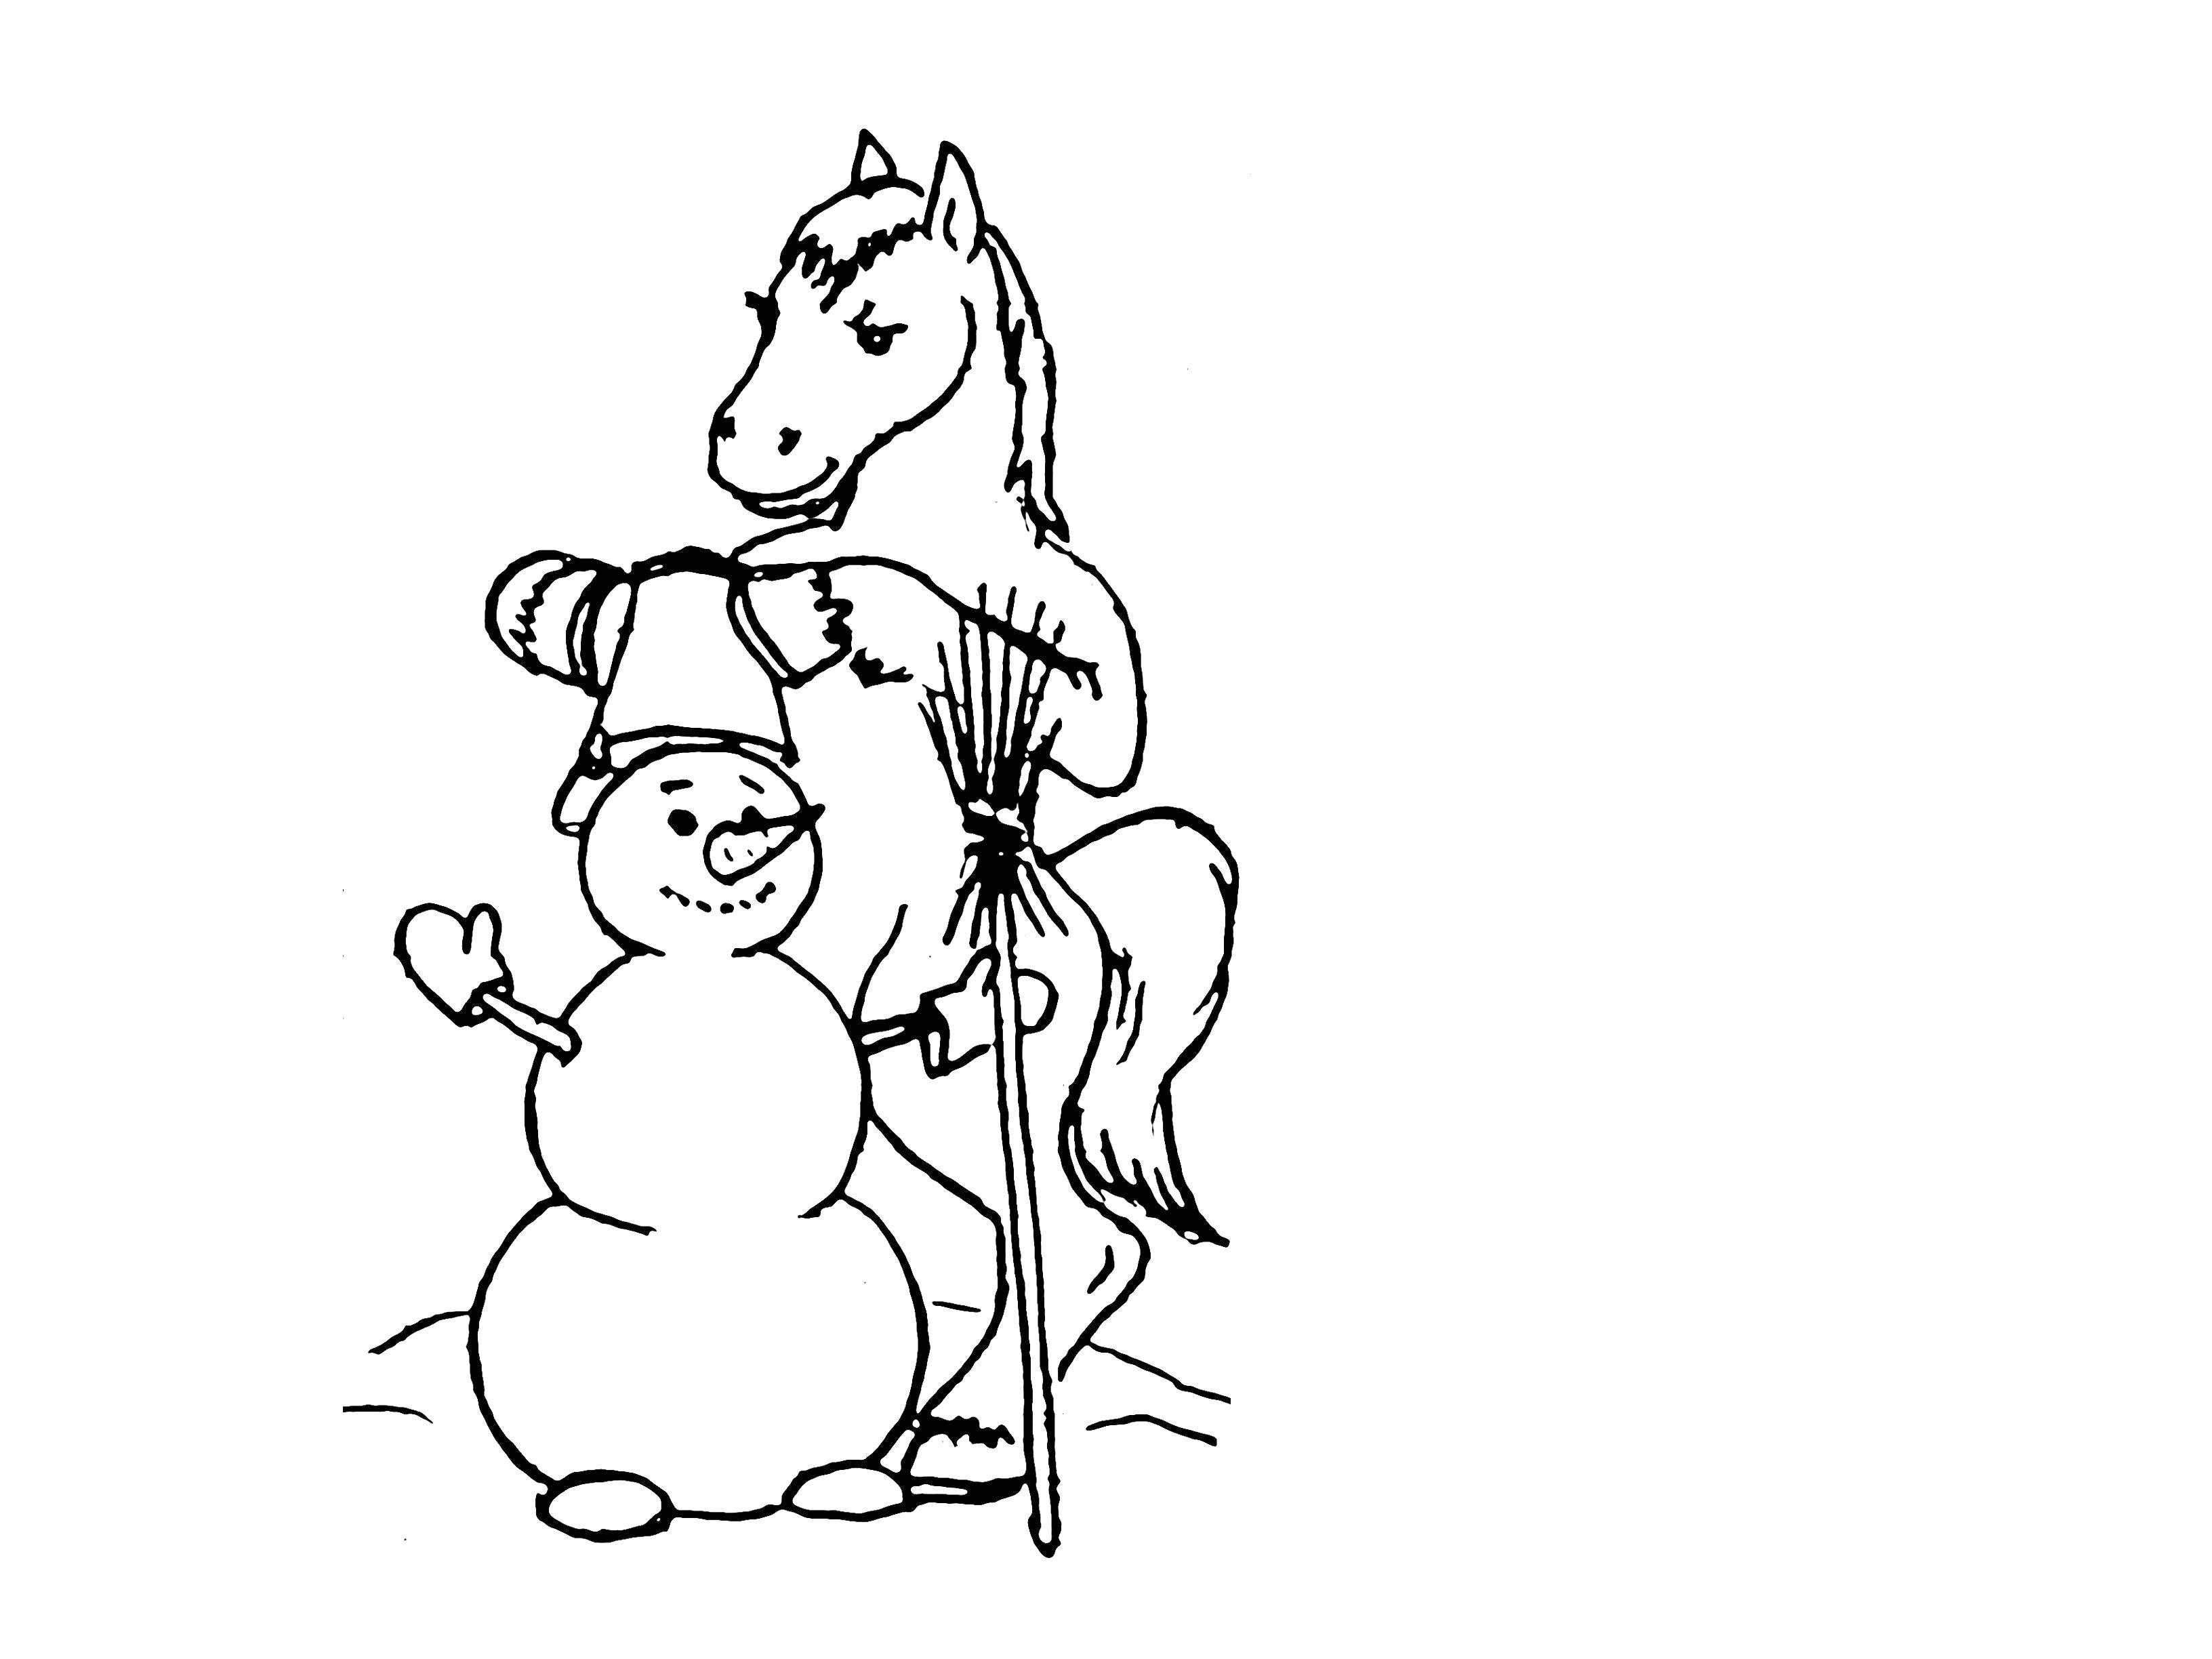 Снеговик Лошадка делает снеговик цветы раскраски онлайн бесплатноРаскраски для девочек